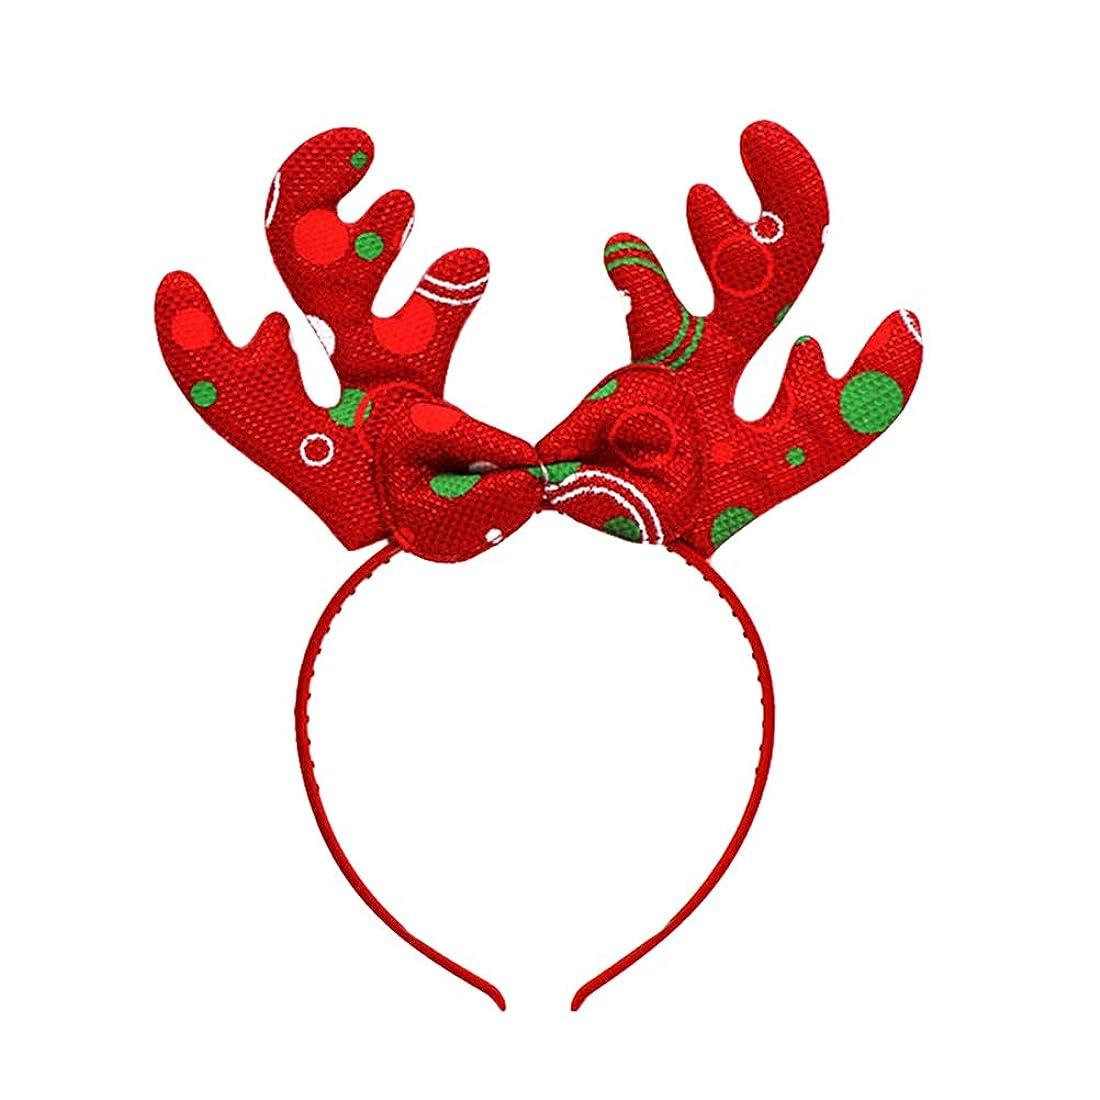 嫌悪ゲインセイ部屋を掃除するBESTOYARD トナカイアントラーズヘッドバンドクリスマスデコレーションヘッドドレスヘアフープコスチュームヘアアクセサリー(ランダムカラー)